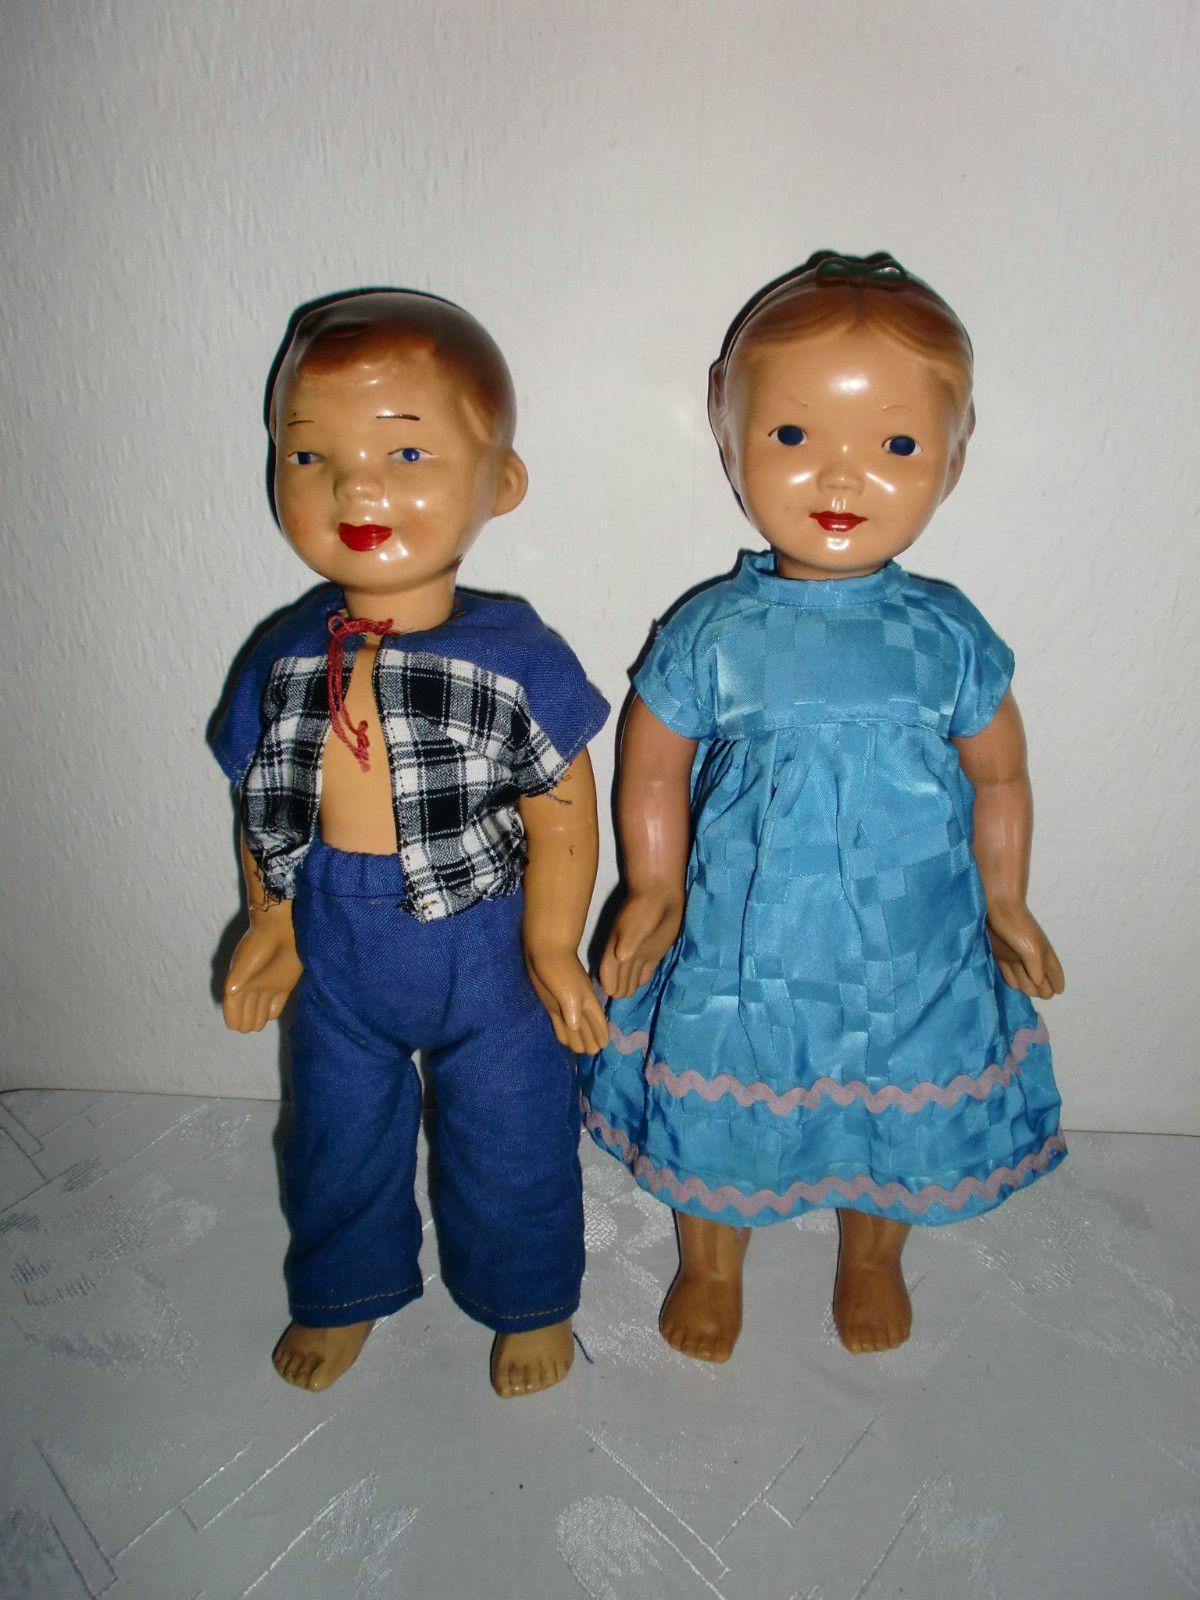 Puppen Pärchen neu Puppen & Zubehör Künstler-/ Handgemachte Puppen